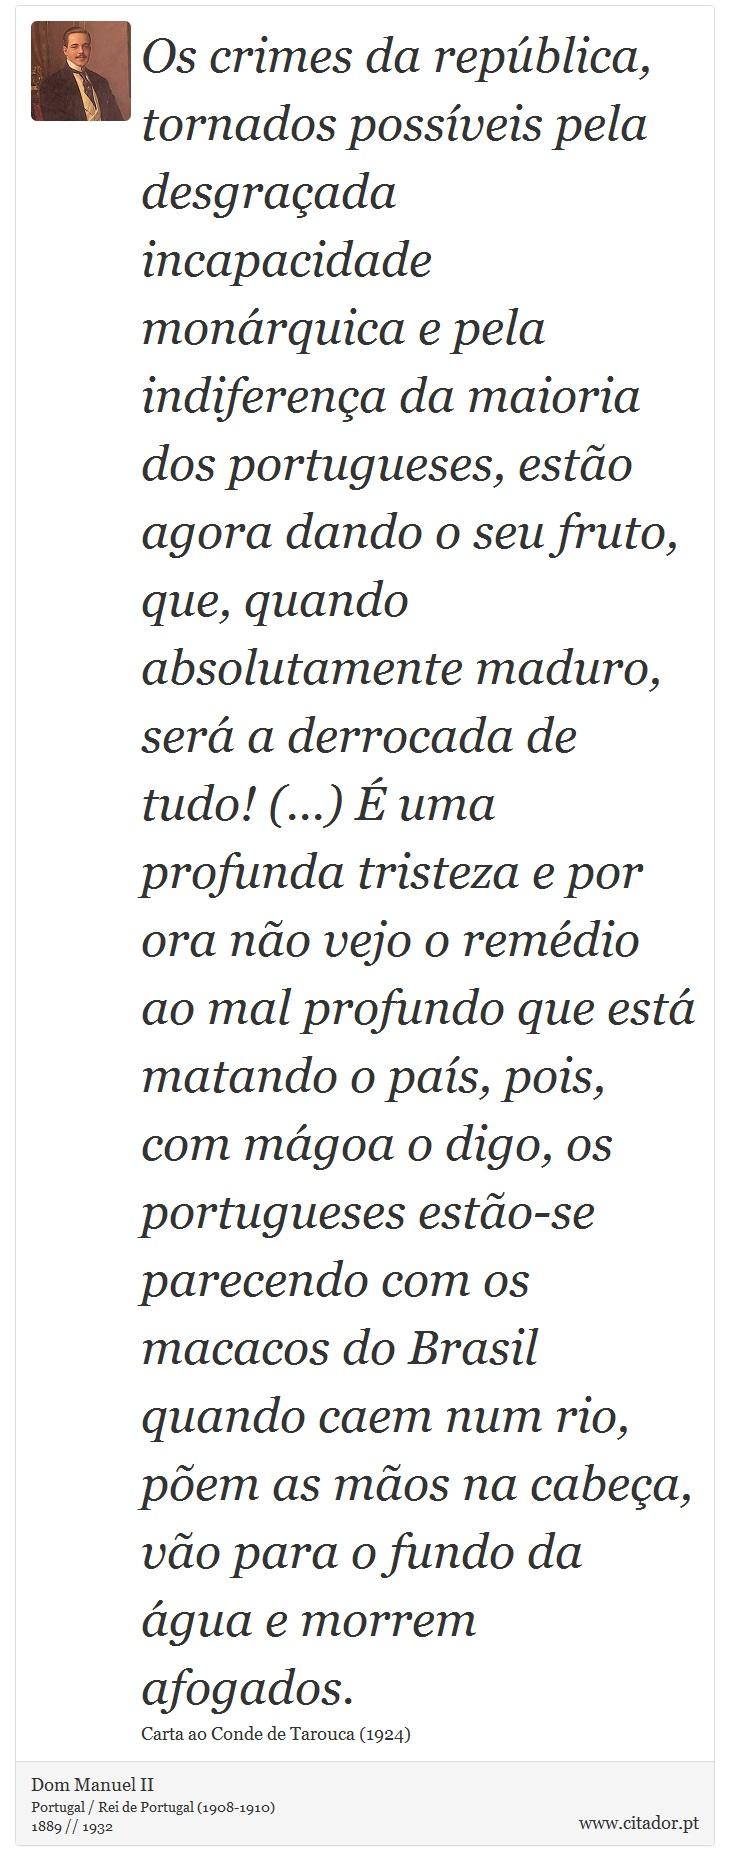 Os crimes da república, tornados possíveis pela desgraçada incapacidade monárquica e pela indiferença da maioria dos portugueses, estão agora dando o seu fruto, que, quando absolutamente maduro, será a derrocada de tudo! (...) É uma profunda tristeza e por ora não vejo o remédio ao mal profundo que está matando o país, pois, com mágoa o digo, os portugueses estão-se parecendo com os macacos do Brasil quando caem num rio, põem as mãos na cabeça, vão para o fundo da água e morrem afogados. - Dom Manuel II - Frases